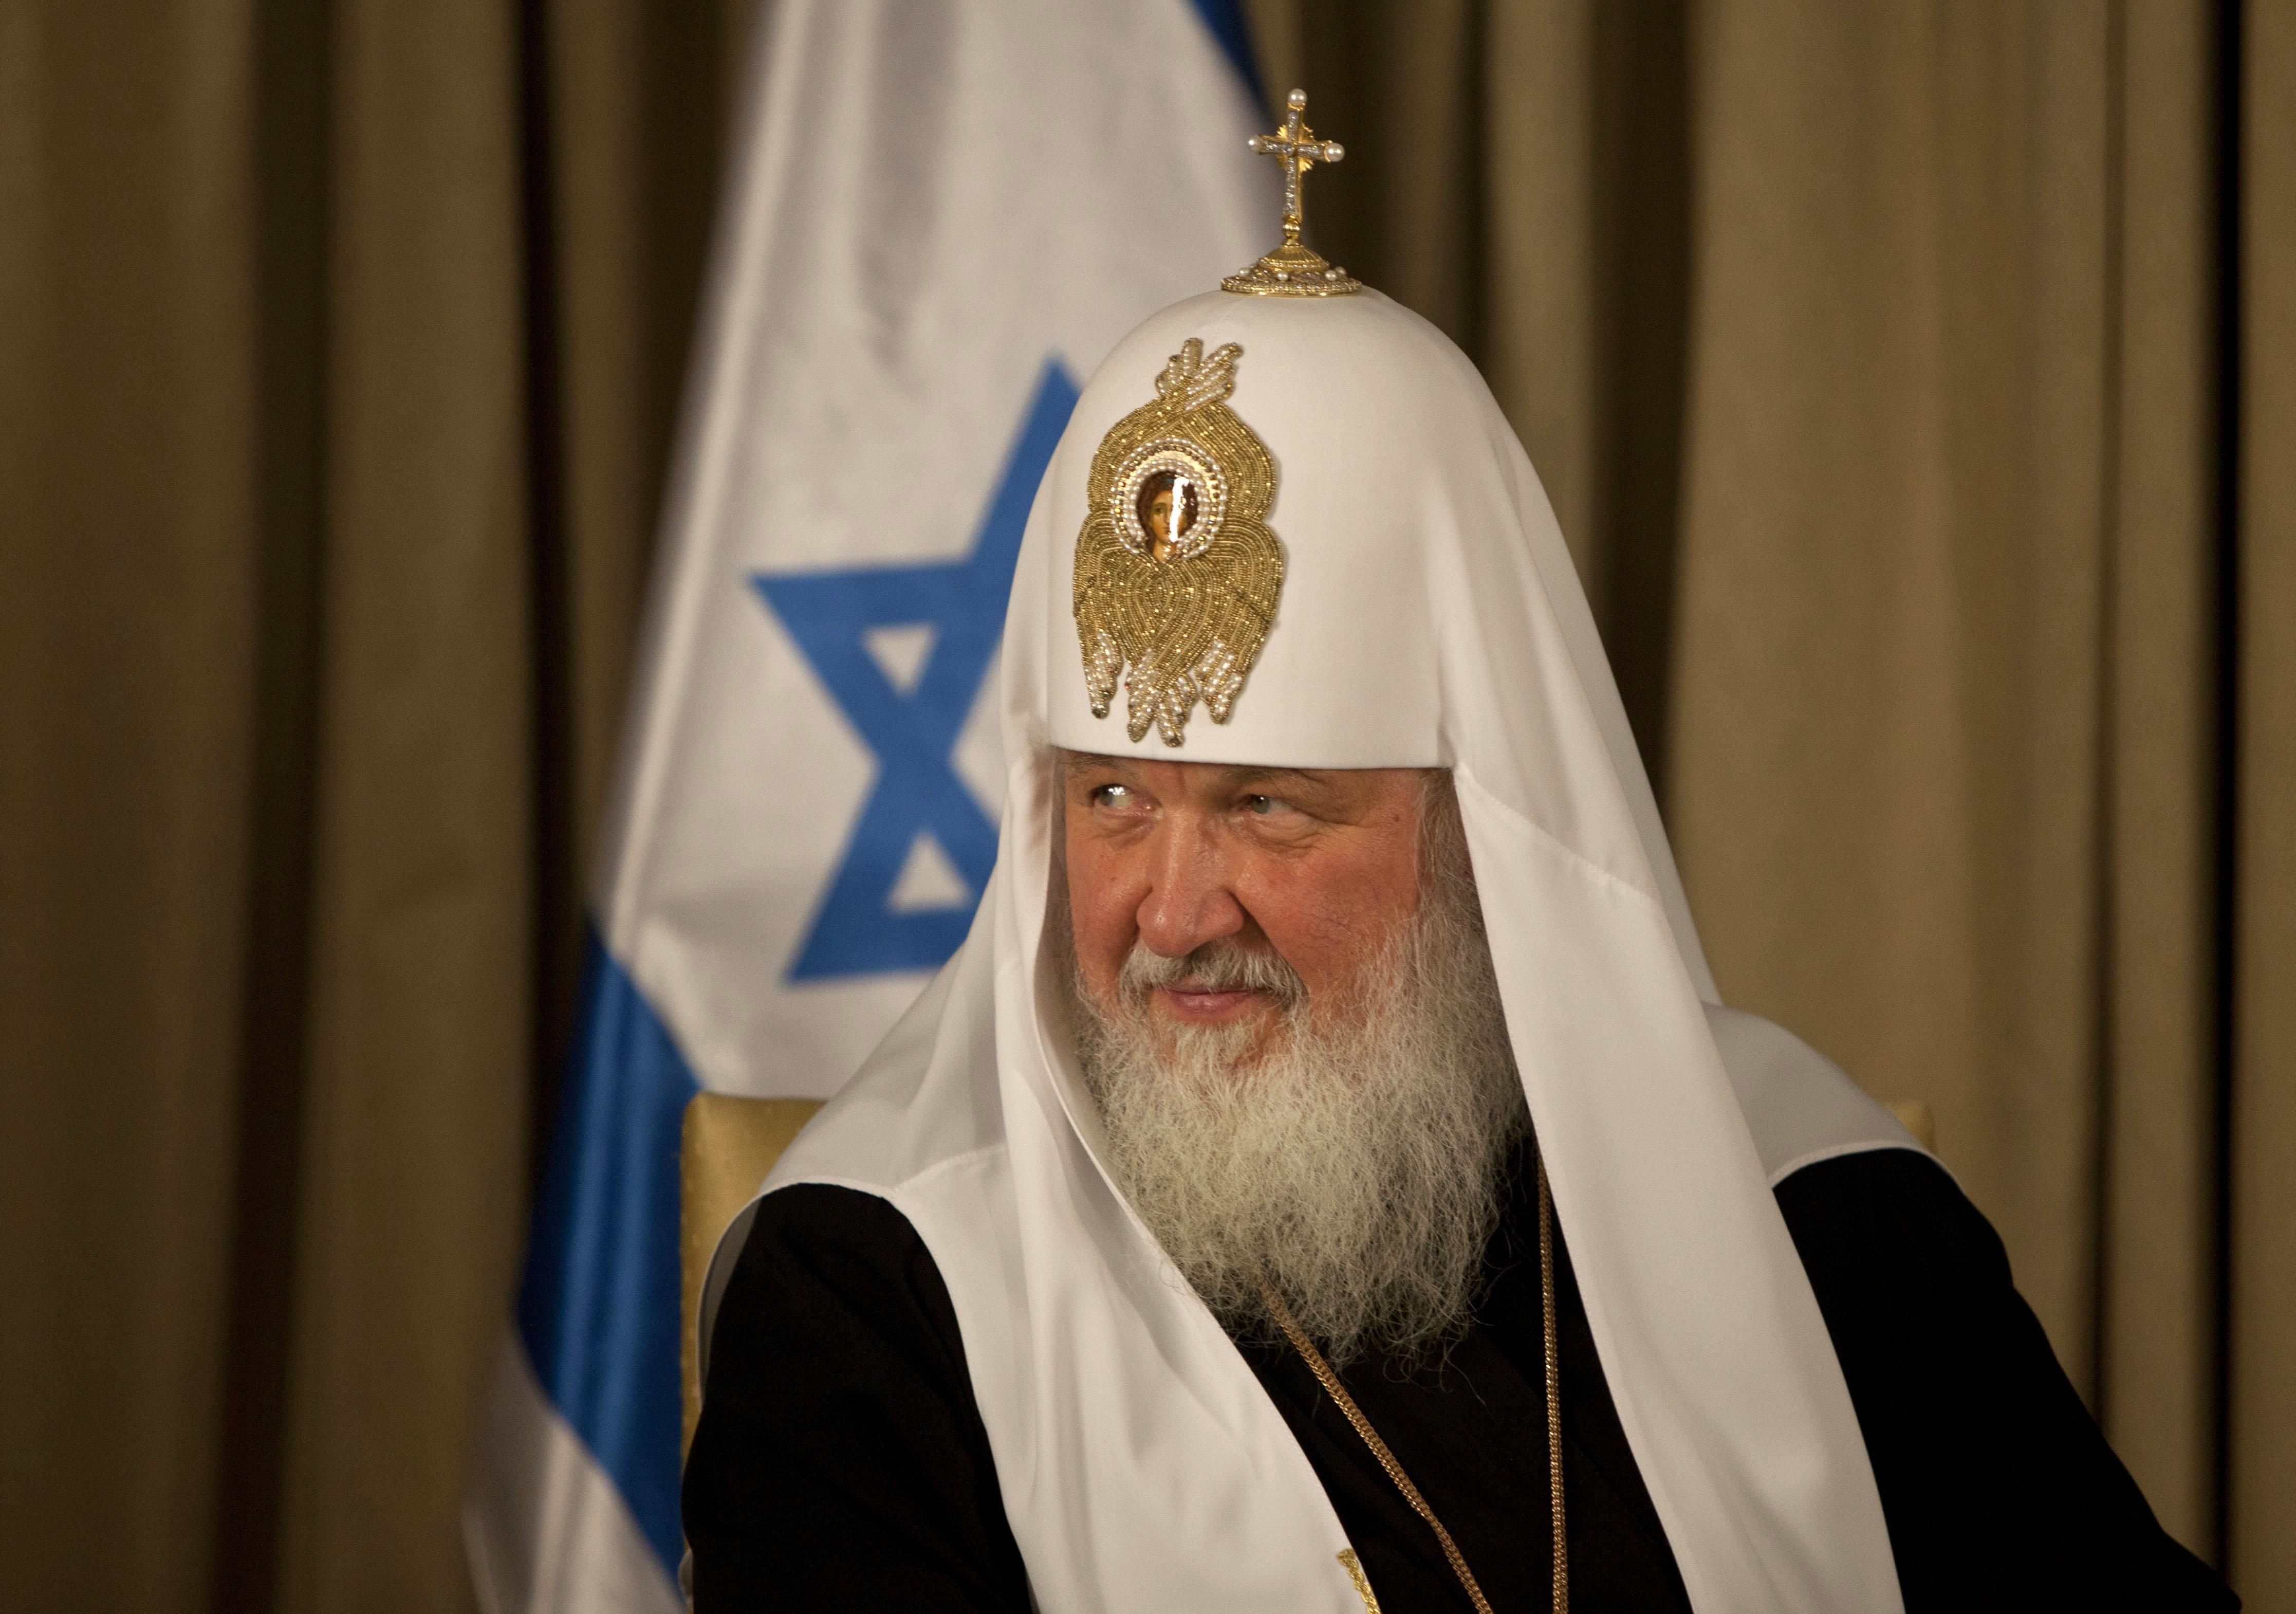 'Будуть сумні наслідки': в РПЦ пригрозили через рішення щодо Томосу Ук